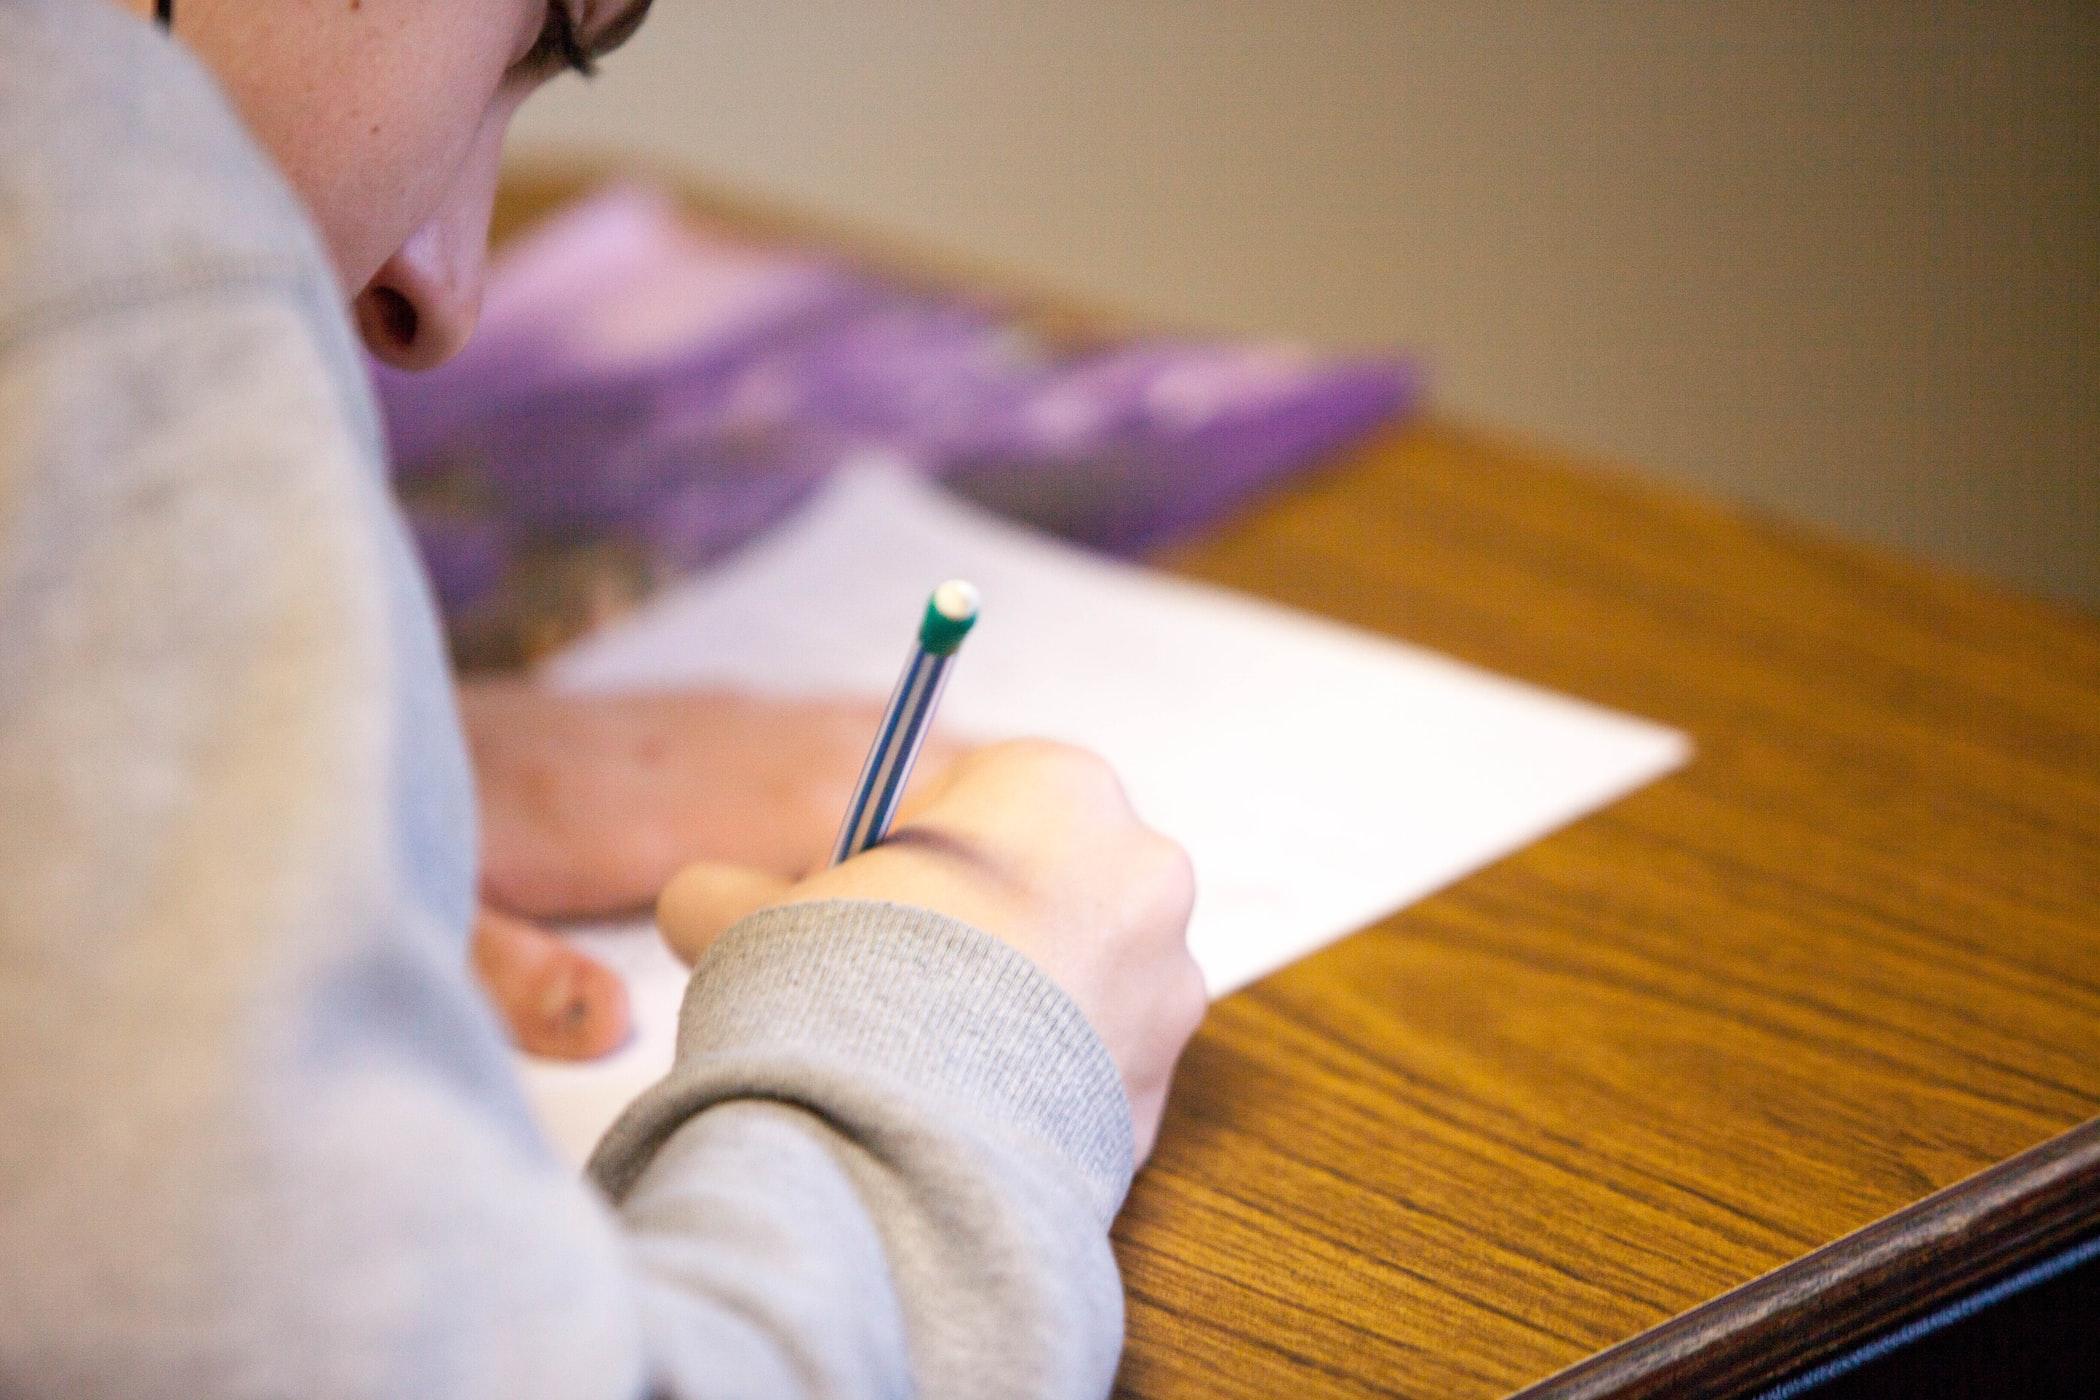 受験勉強中に不安を感じる原因は模試の点数が伸びない